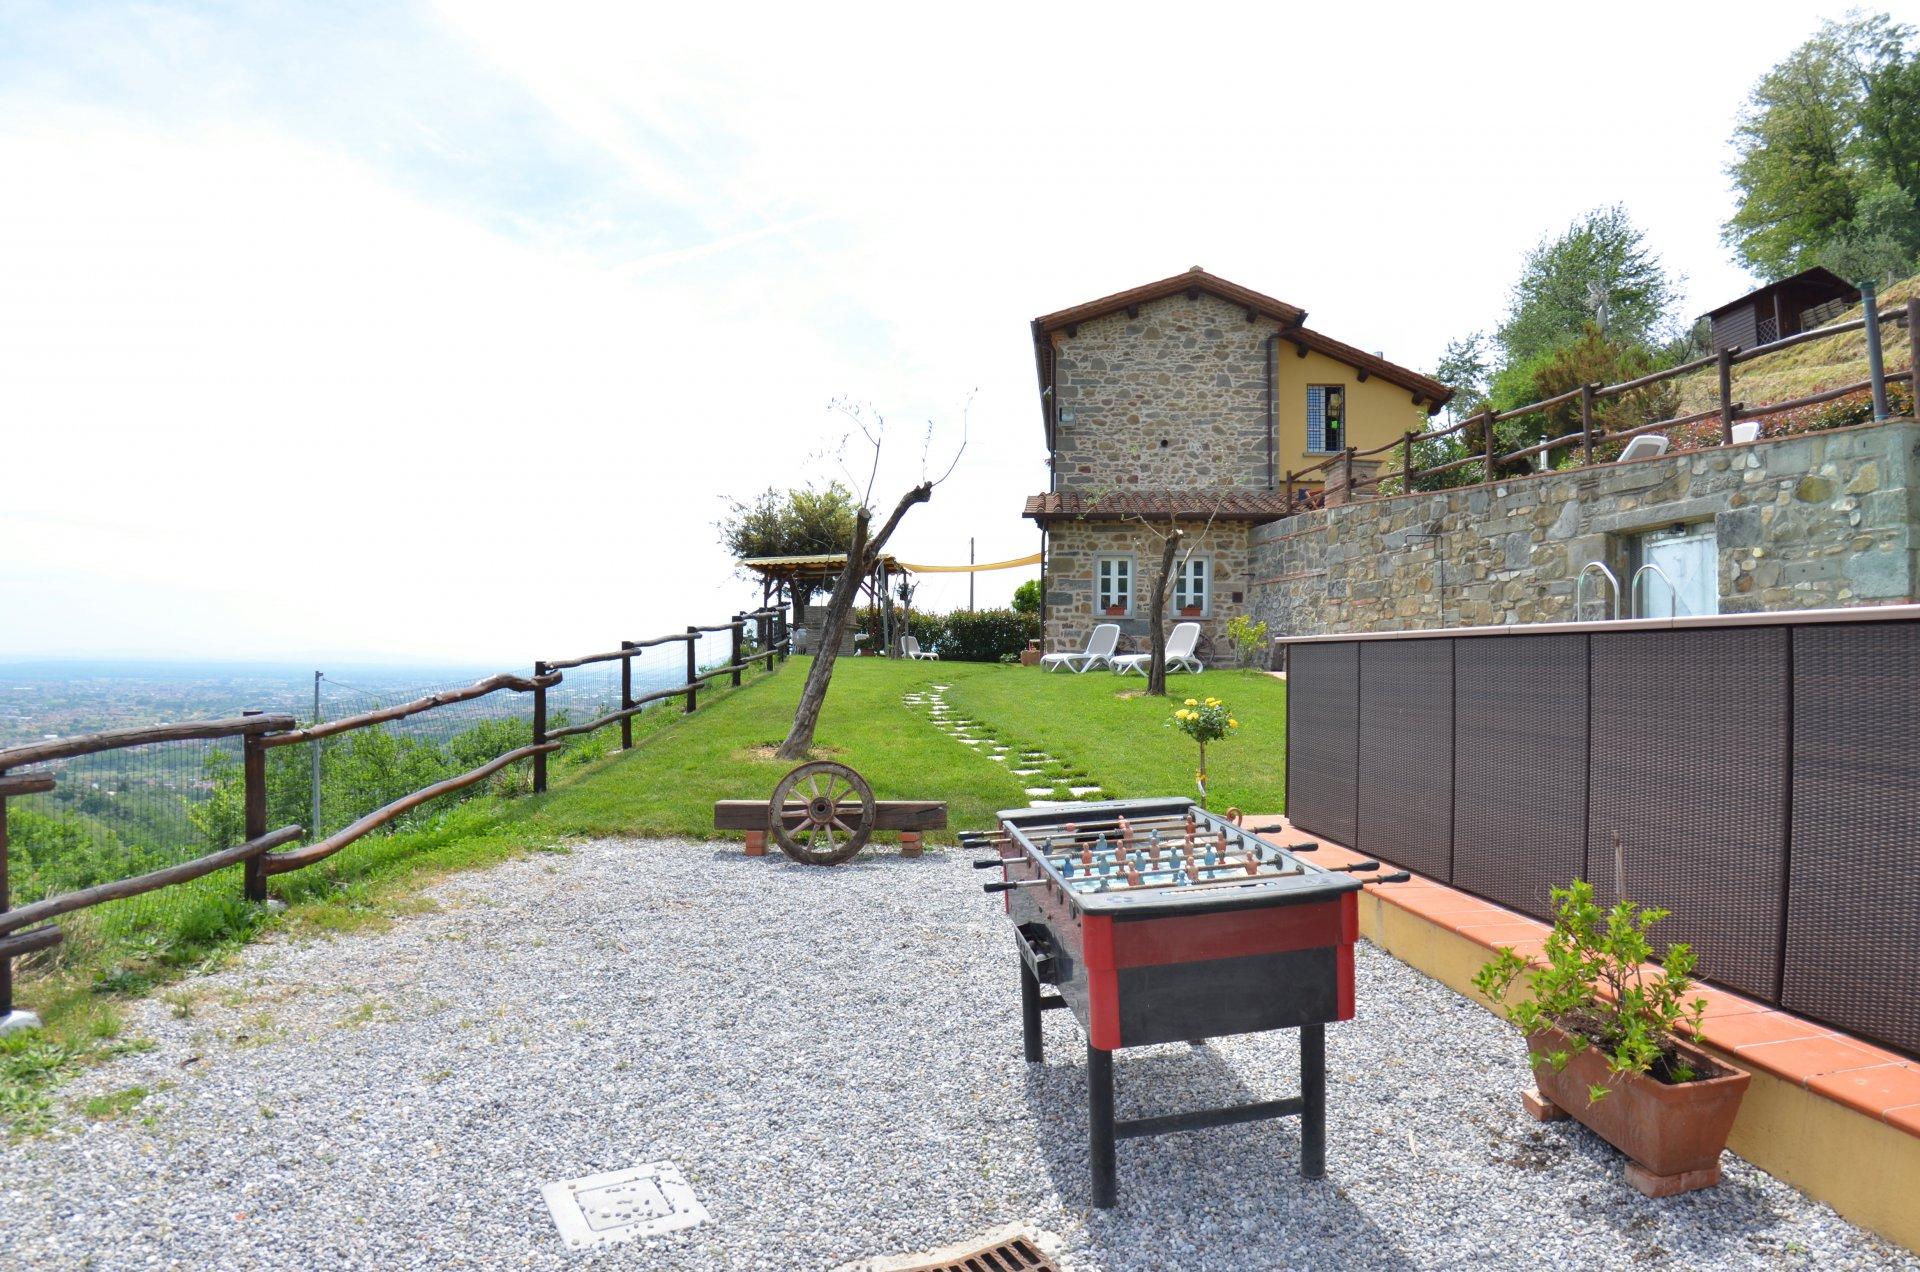 ITALIE, TOSCANE, MAISON EN PIERRE AVEC PISCINE, 4 PERSONNES, MONTECATINI TERME